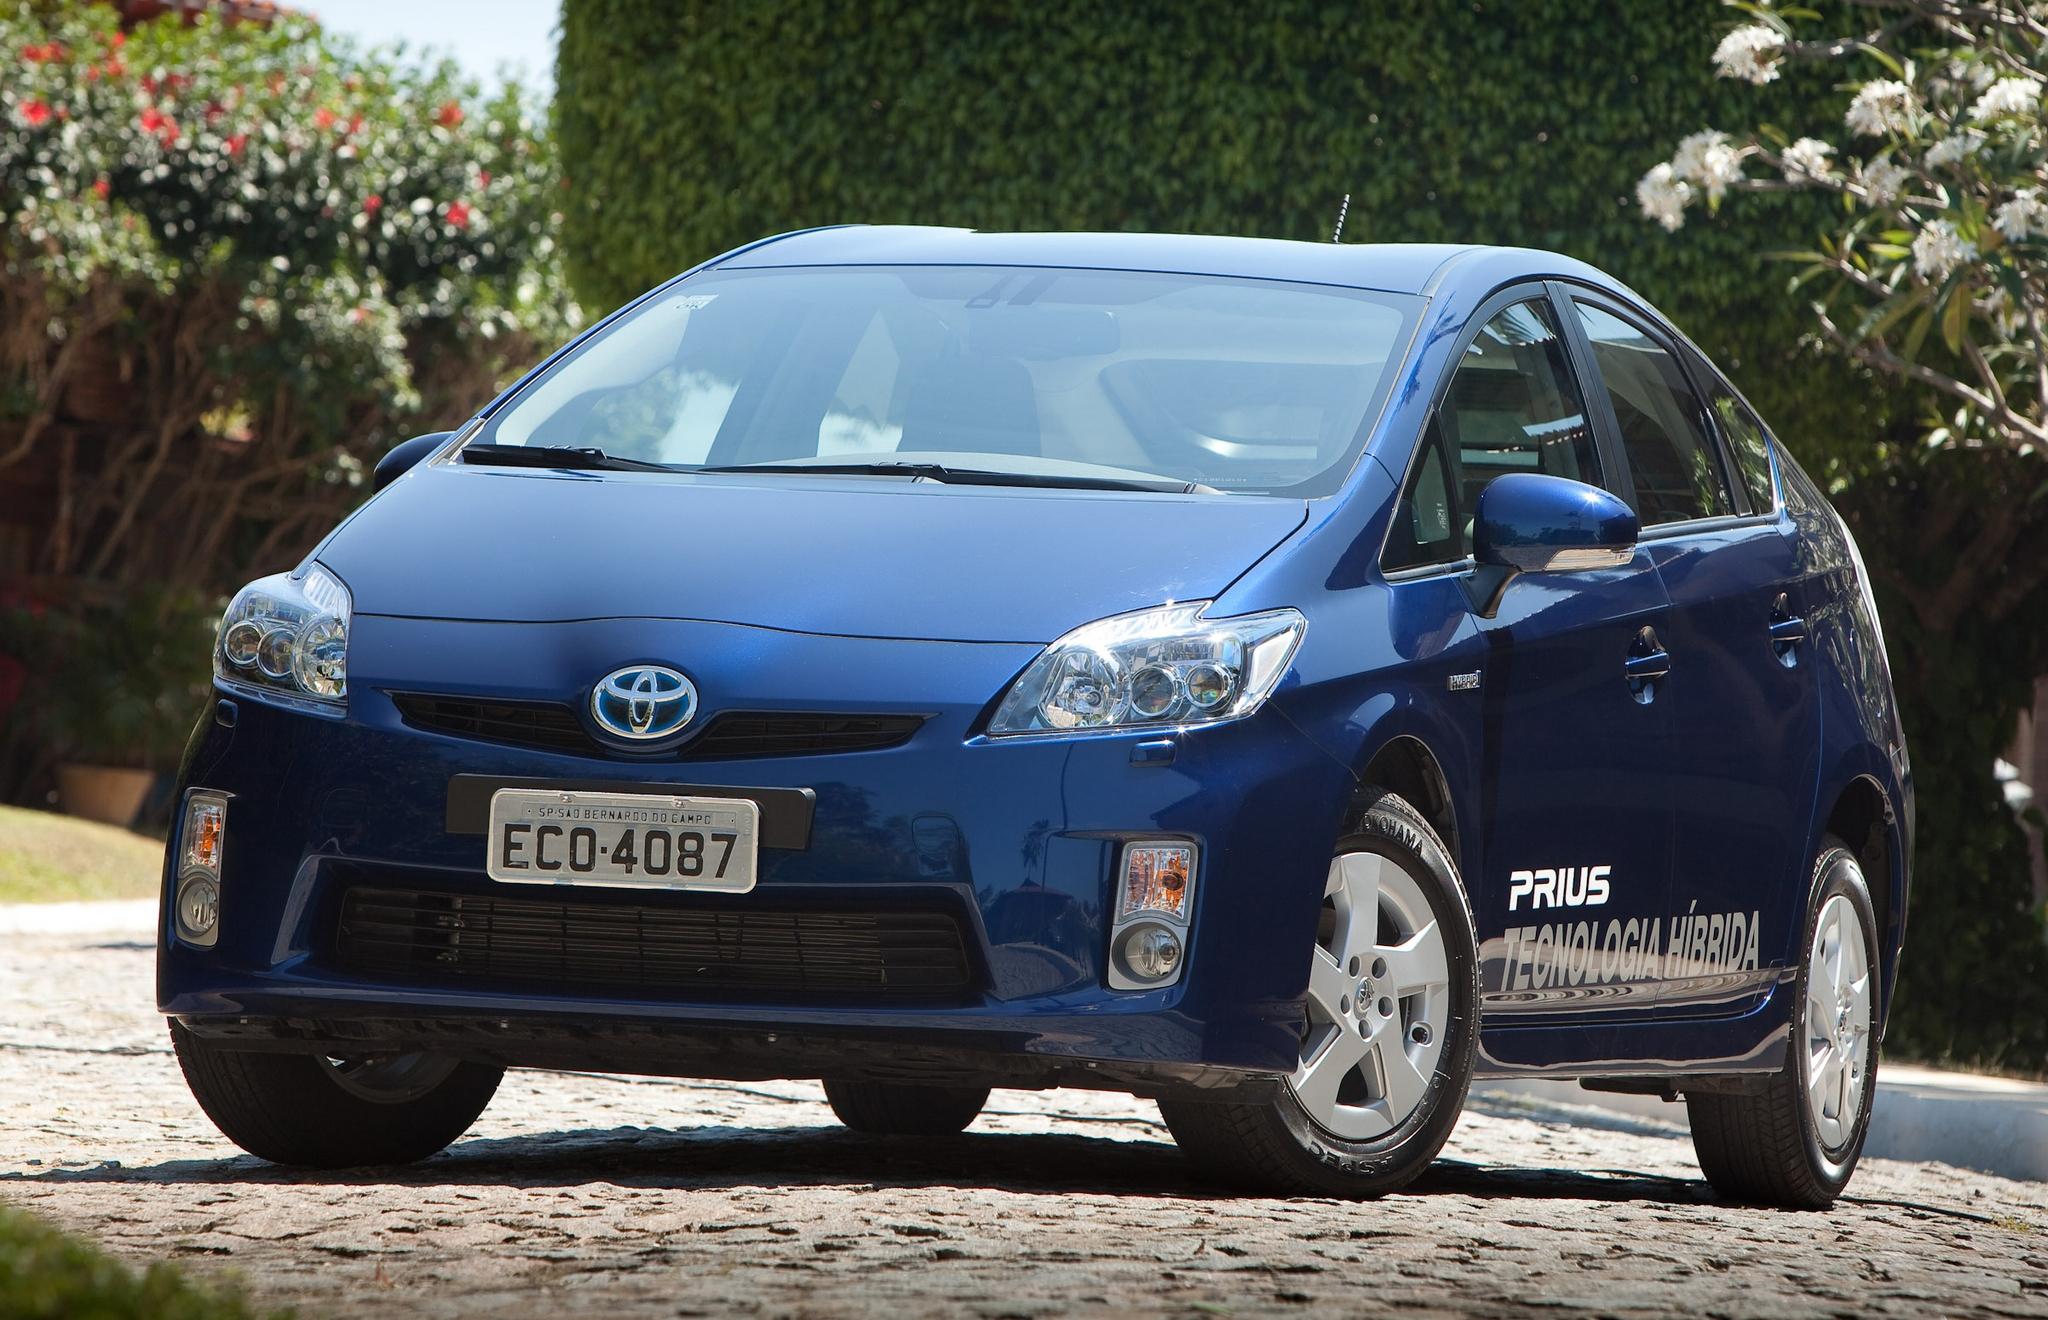 Toyota divulgou recall global de 2,4 milhões de unidades por defeito, mas ainda não sabe se os Prius 2013 e 2014 do Brasil foram afetados